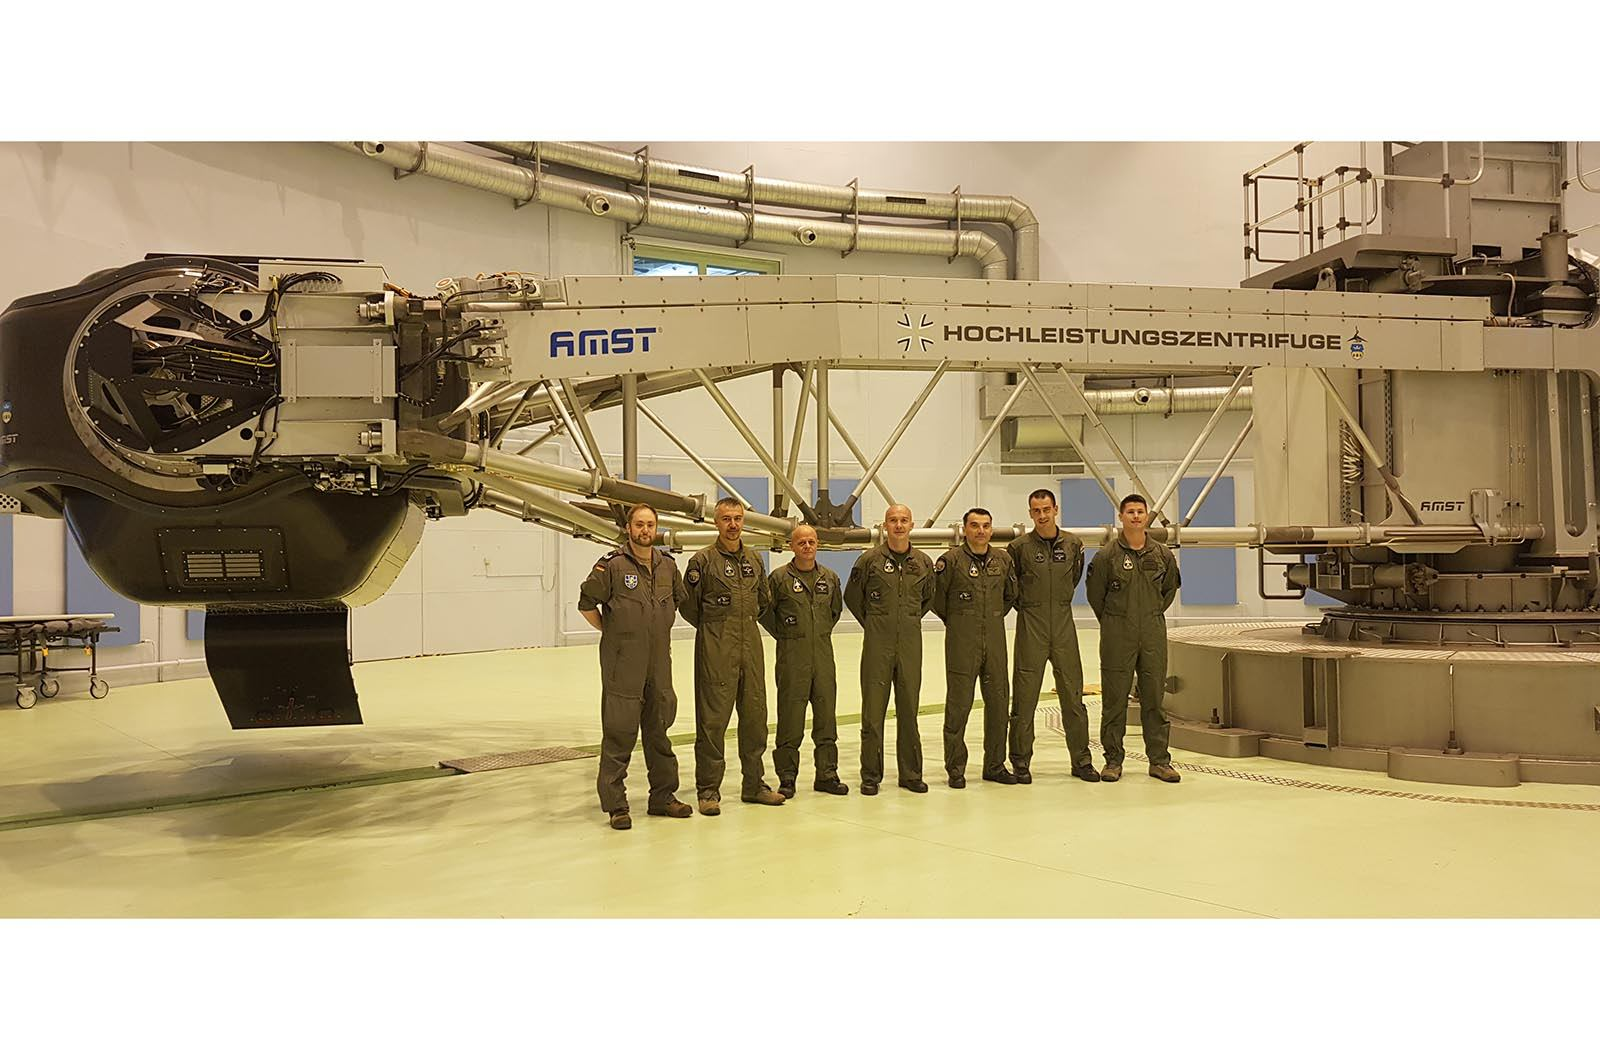 Fiziološki trening i obuka za borbene pilote HRZ-a u Njemačkoj